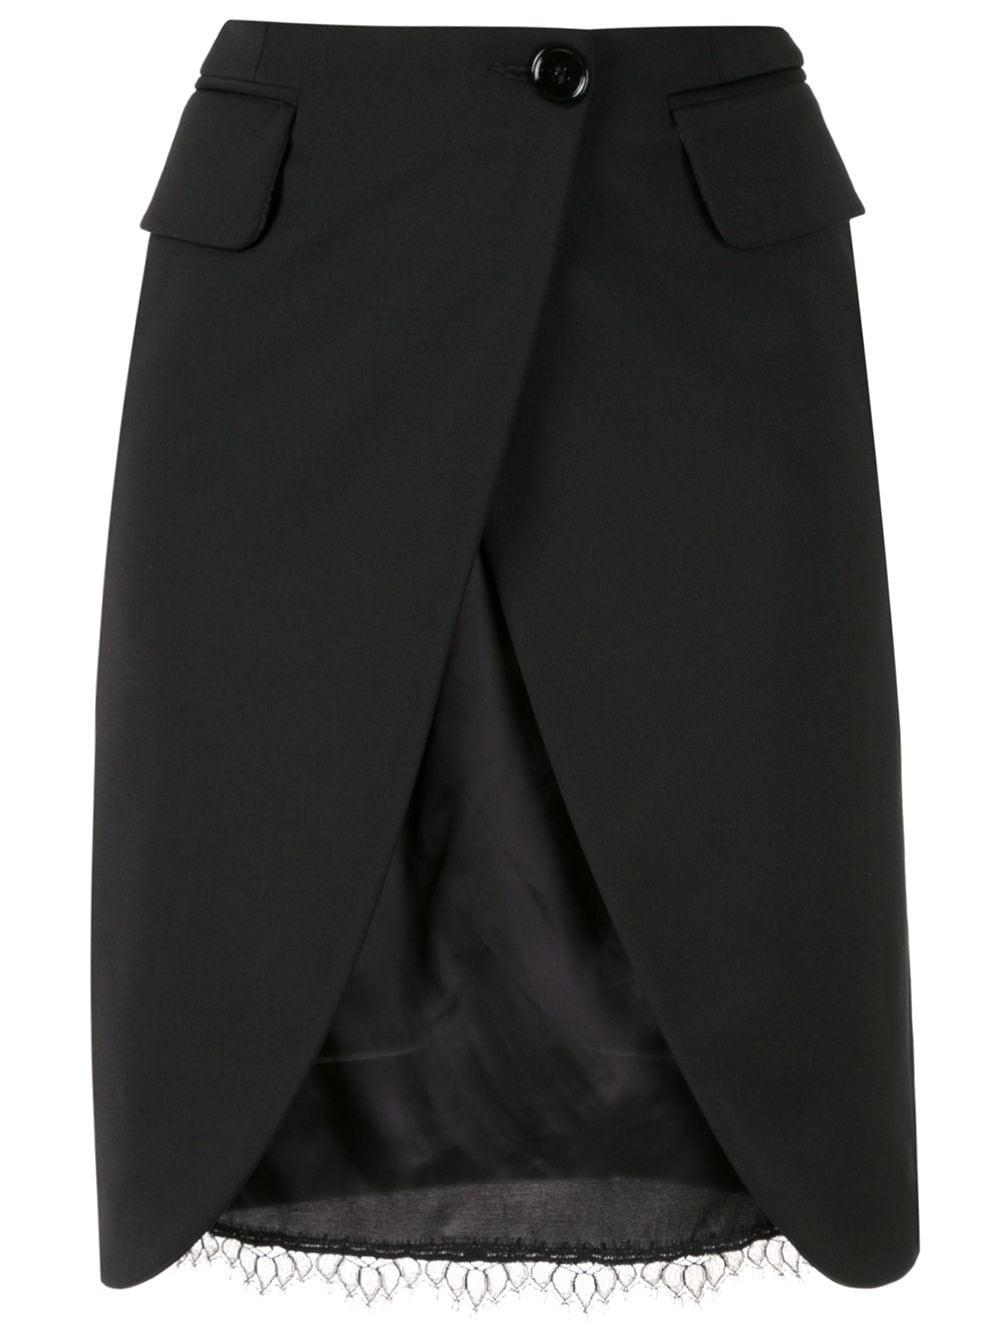 Mm6 Maison Margiela двухслойная юбка с разрезом спереди